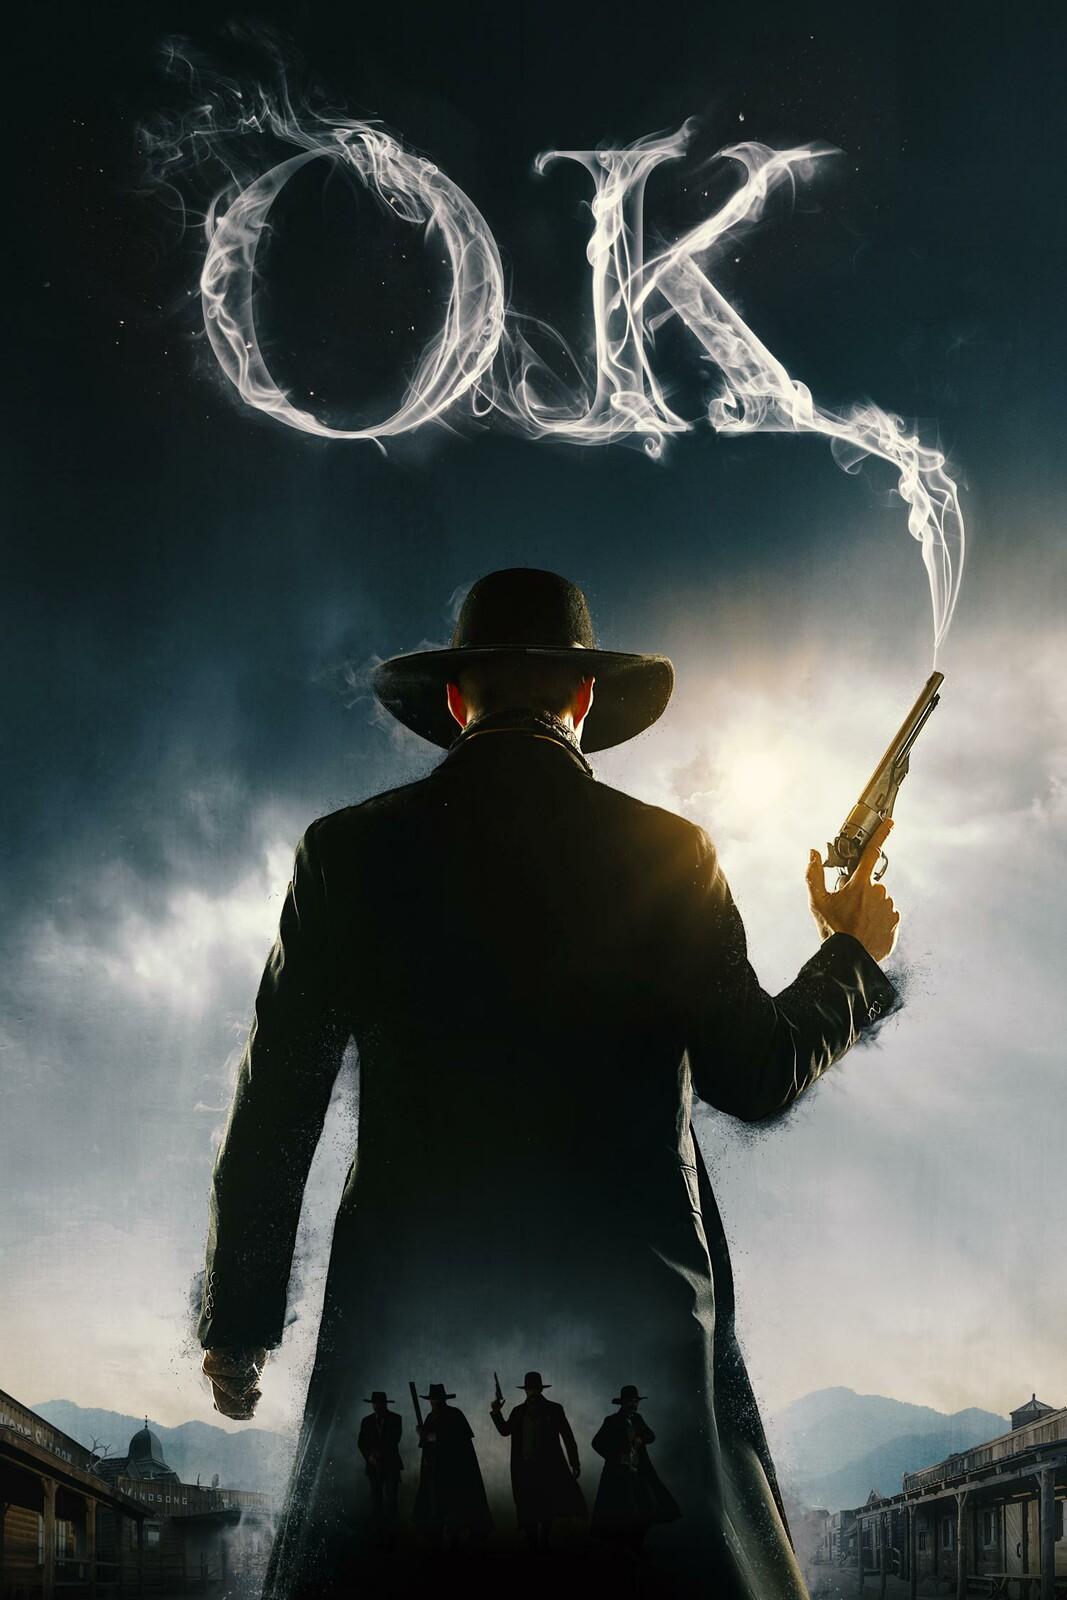 O.K. Corral - Wyatt Earp